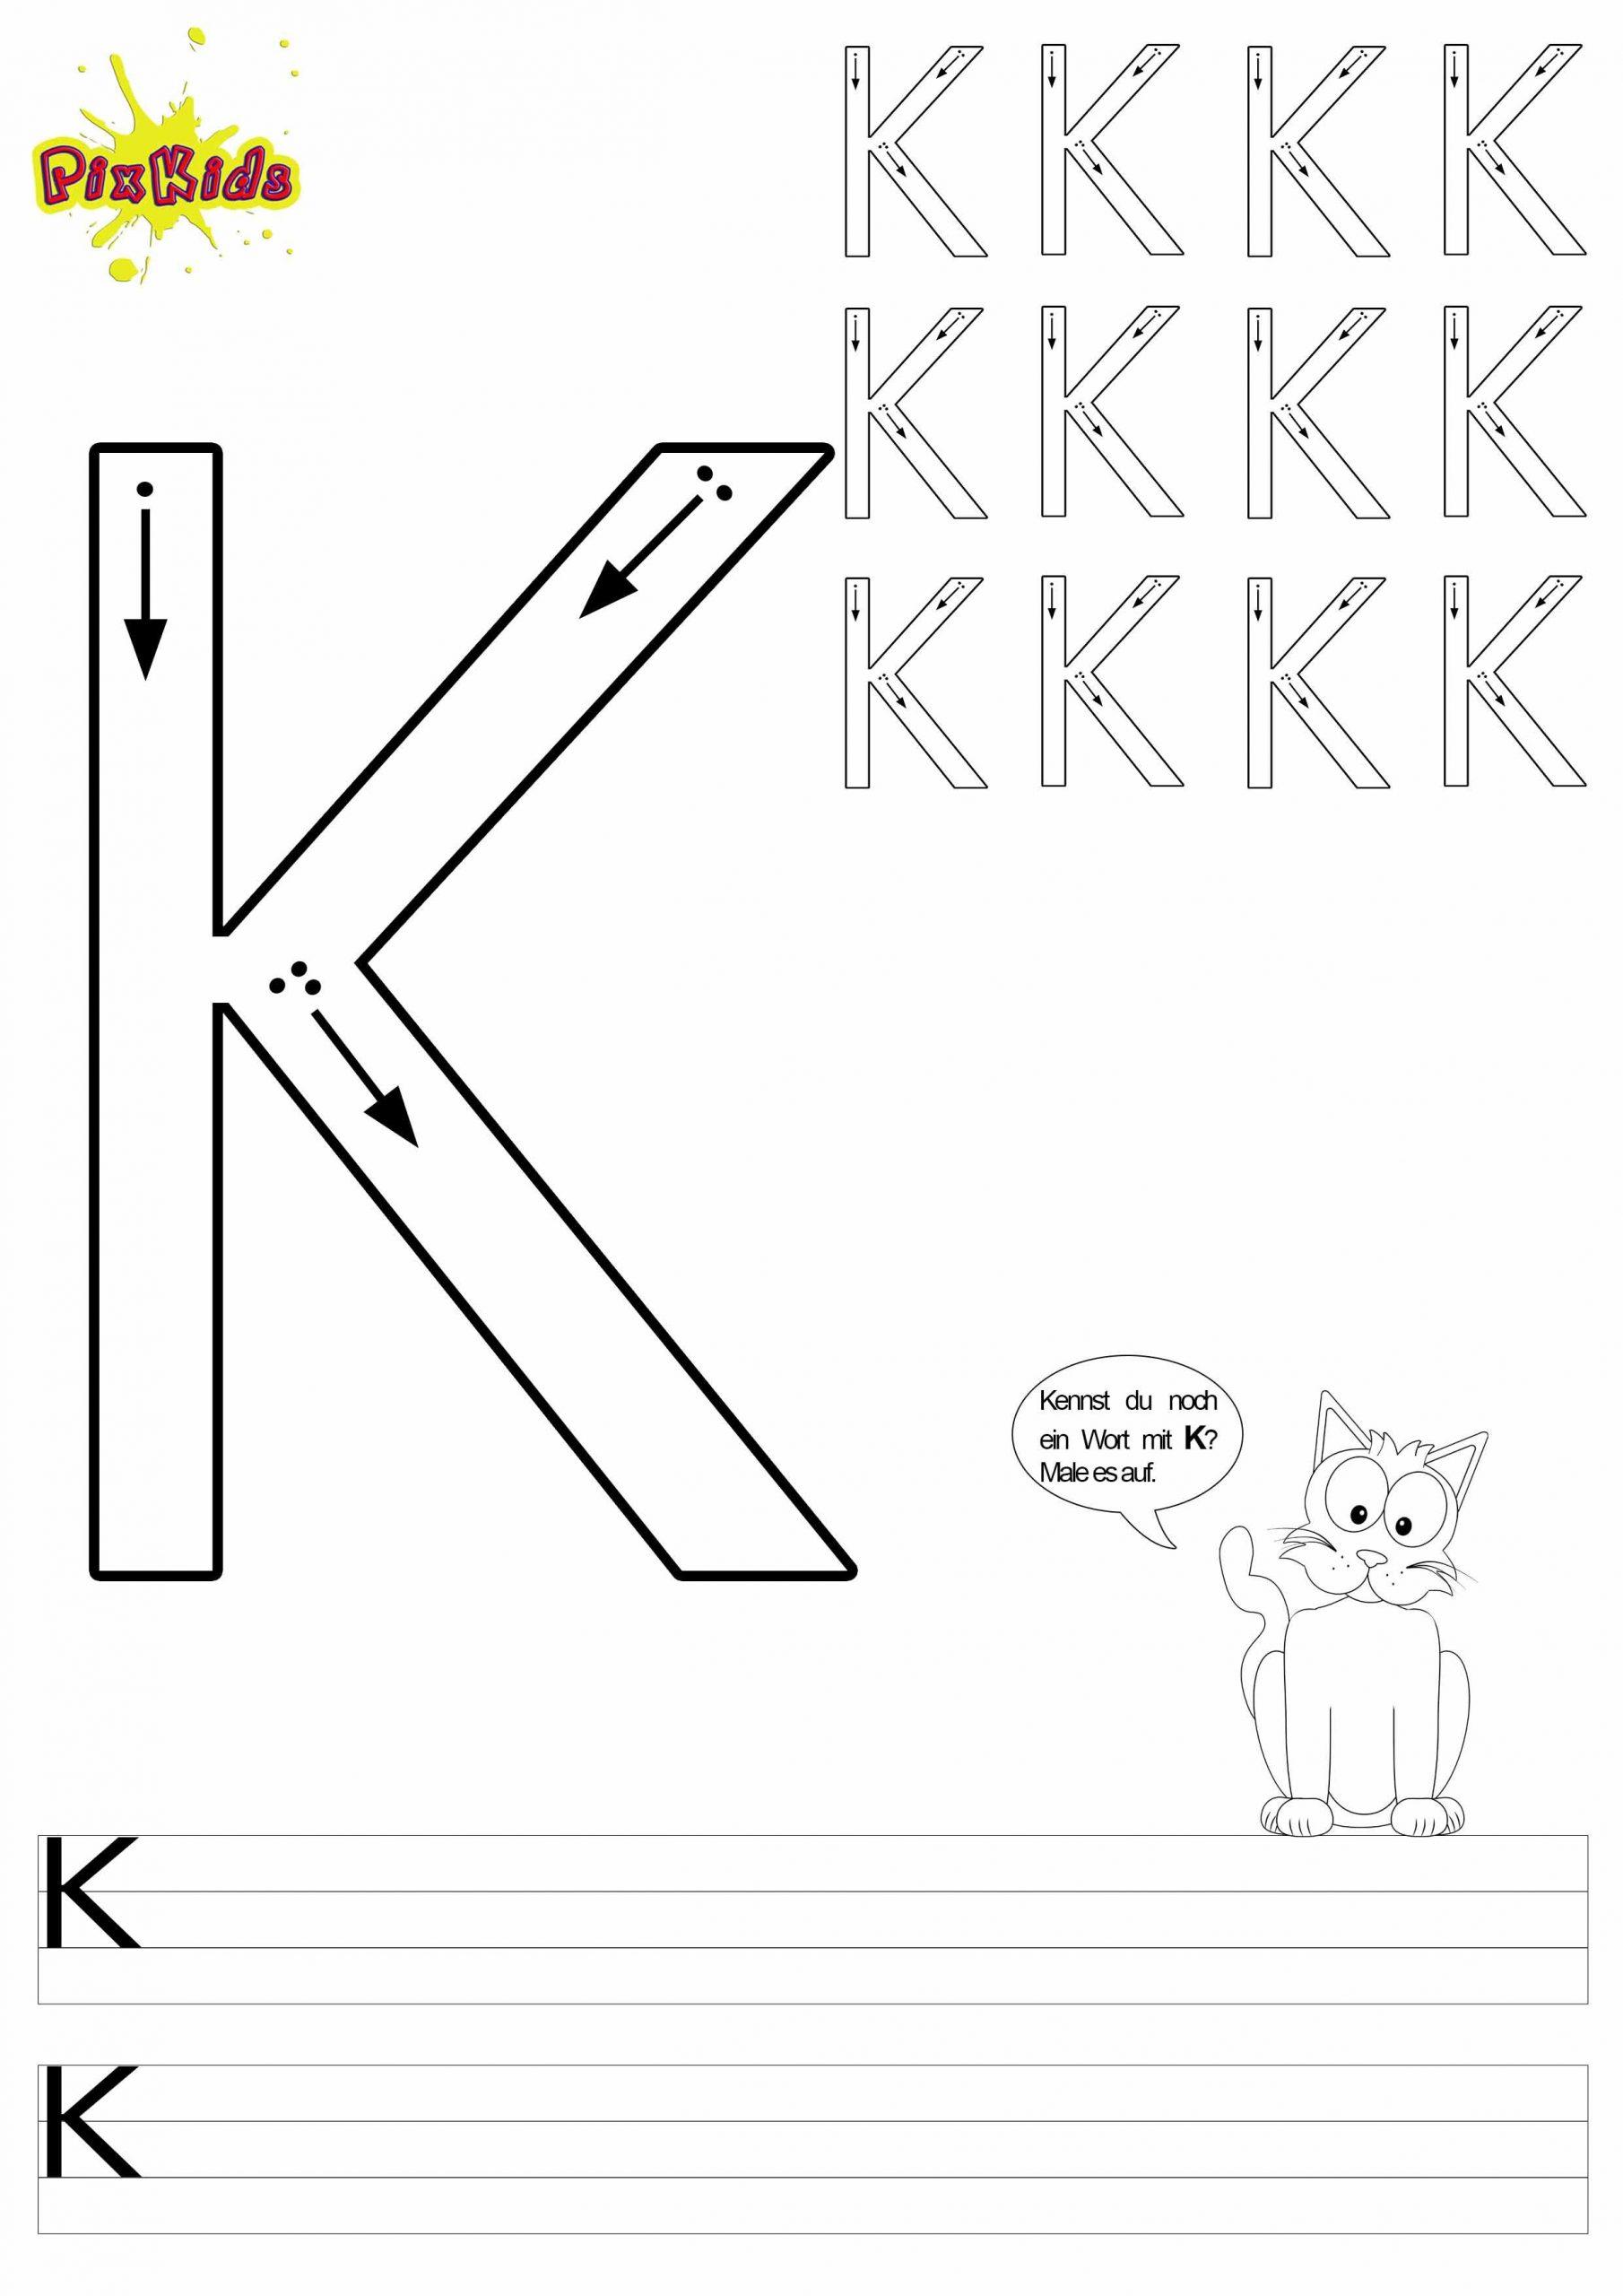 Buchstaben-Schreiben-Lernen-Arbeitsblätter-Buchstabe-K innen Buchstaben Schreiben Lernen Arbeitsblätter Kostenlos